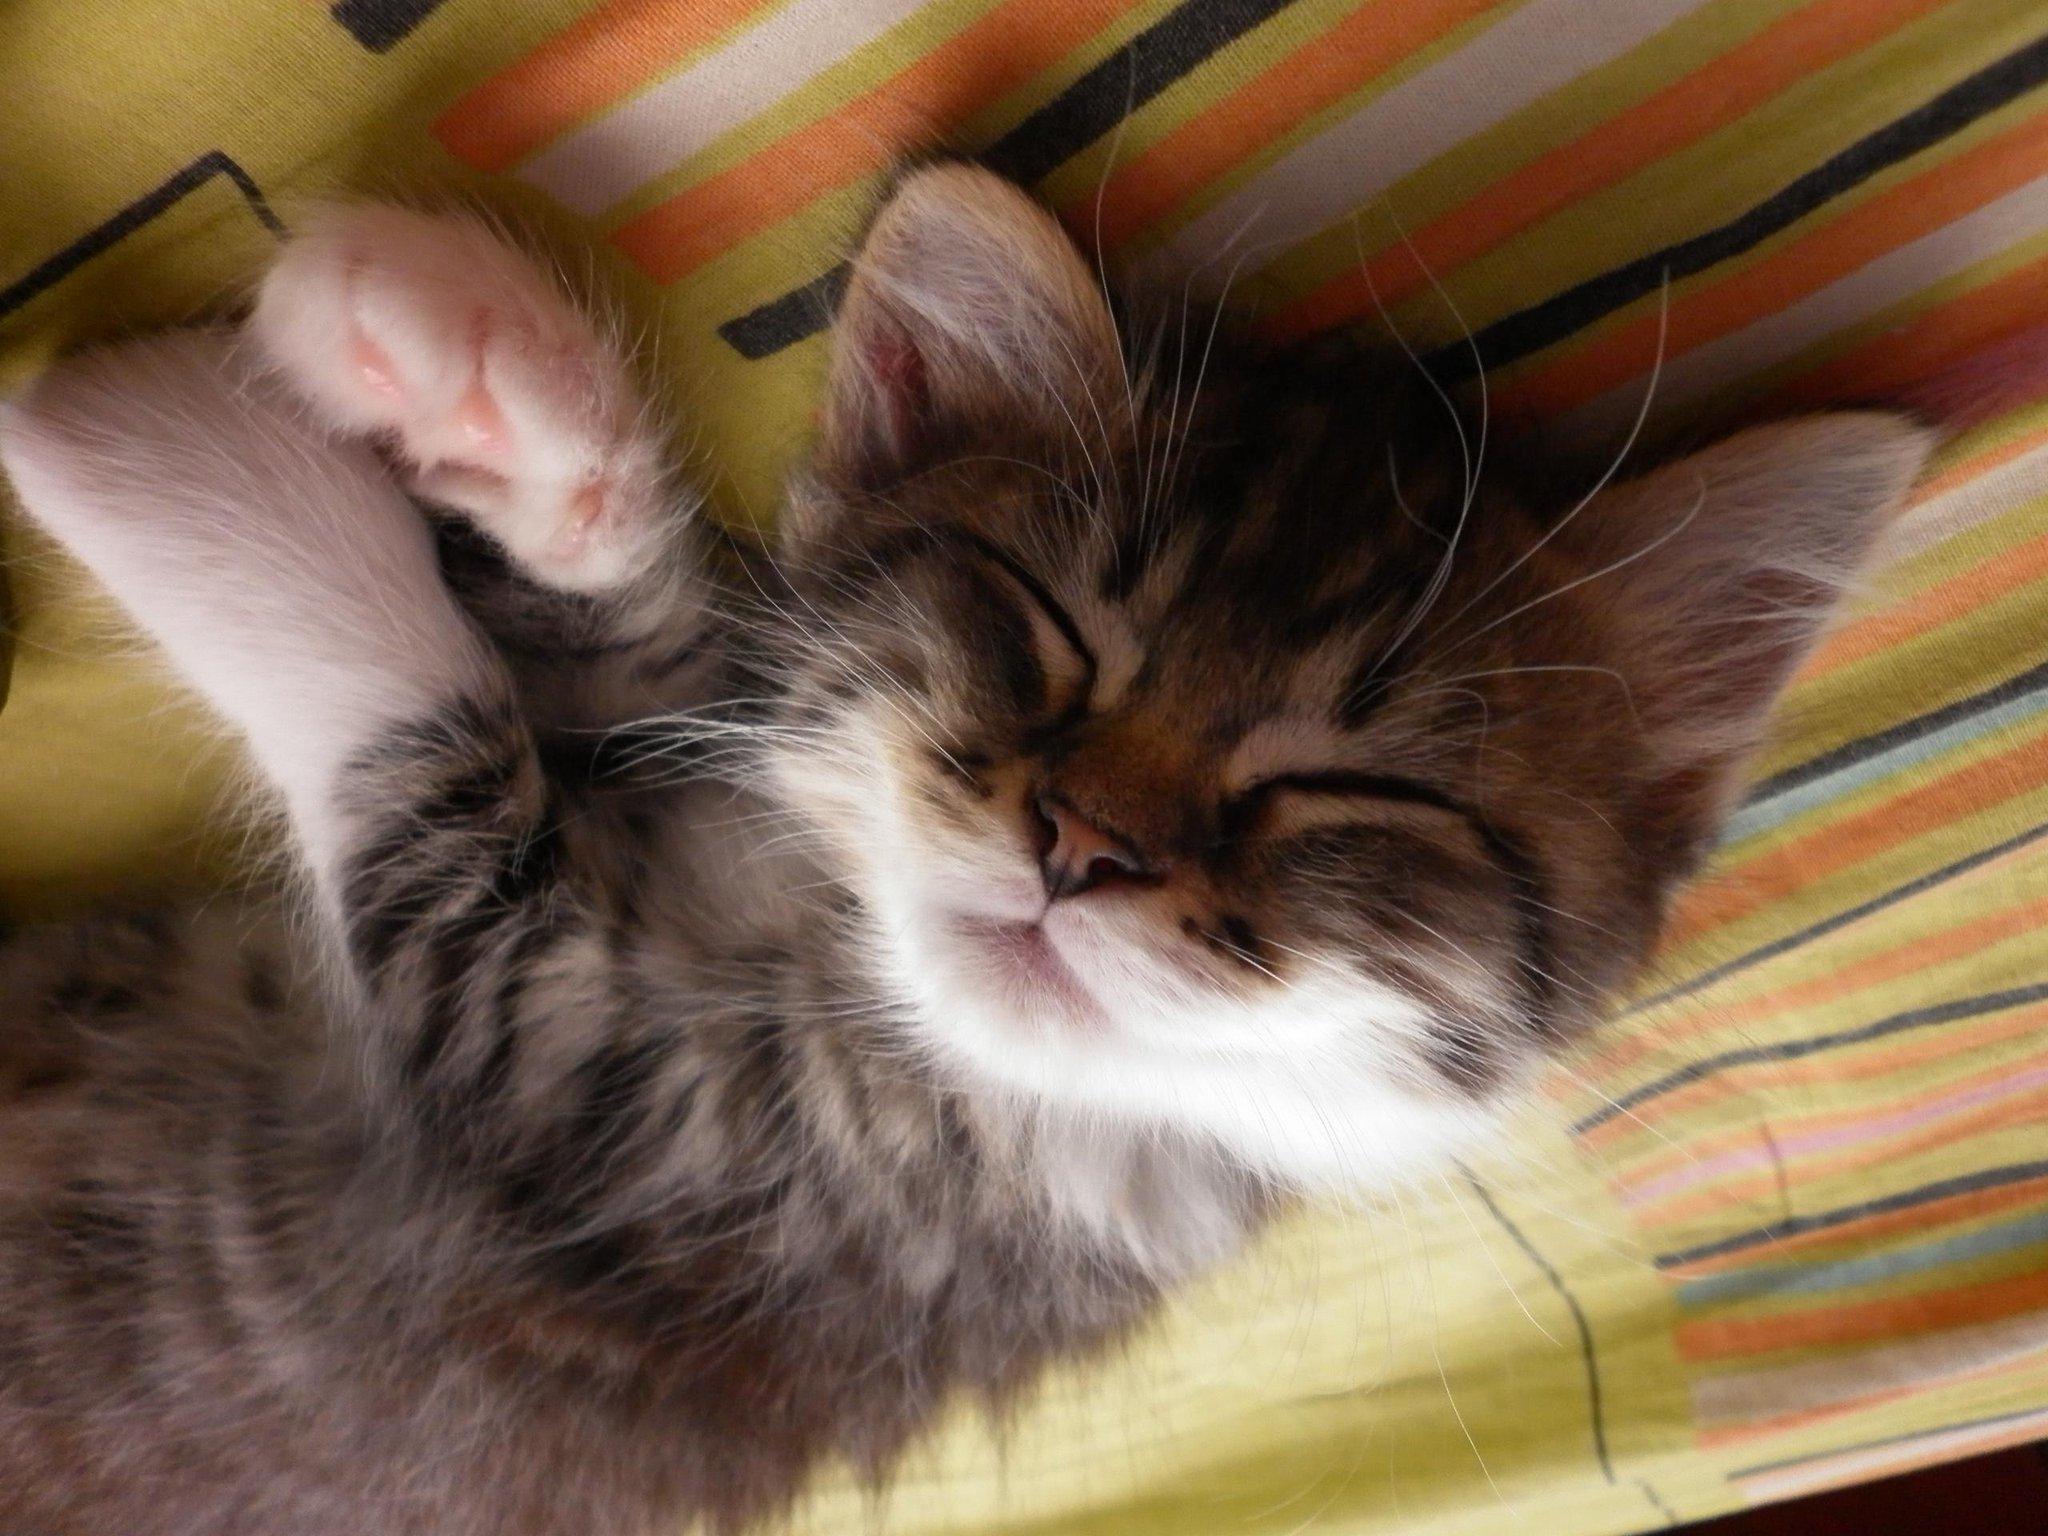 #naptime http://t.co/8RJmlUvHBv